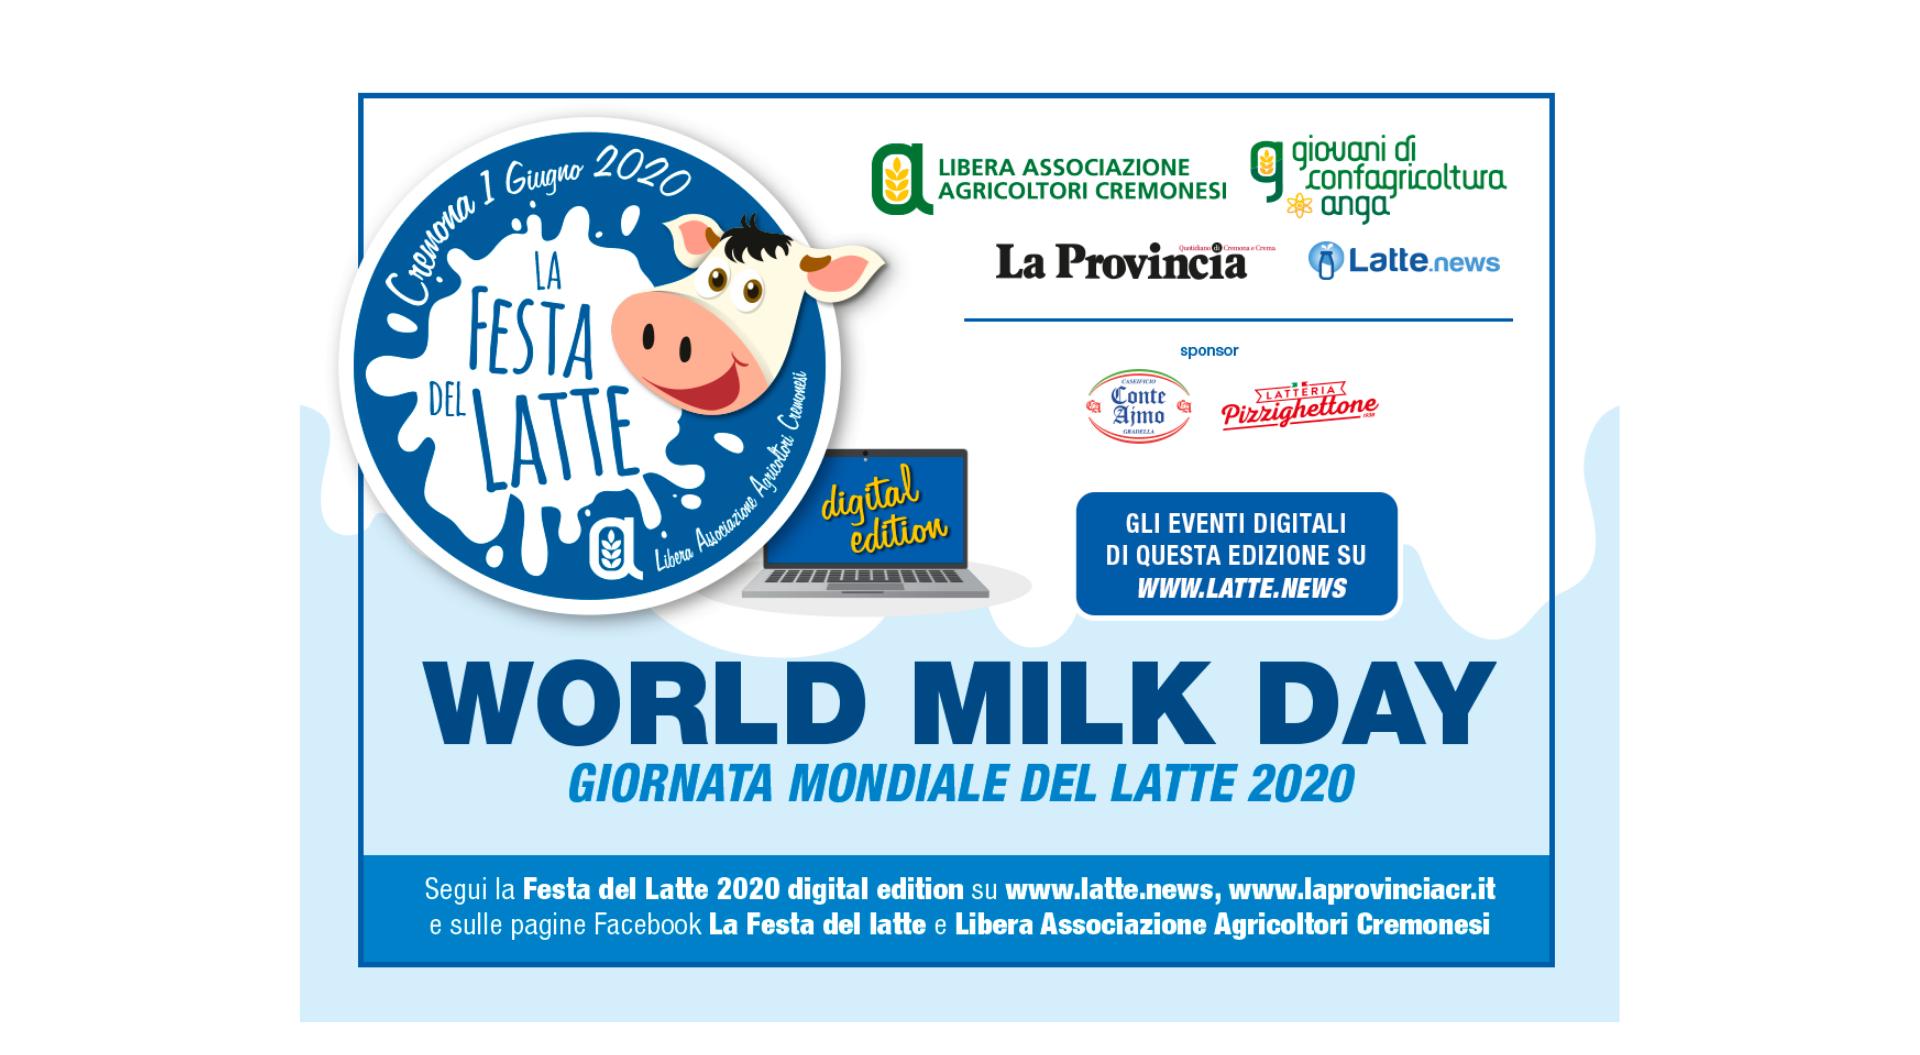 Quest'anno a Cremona La Giornata Mondiale del Latte si fa Digital